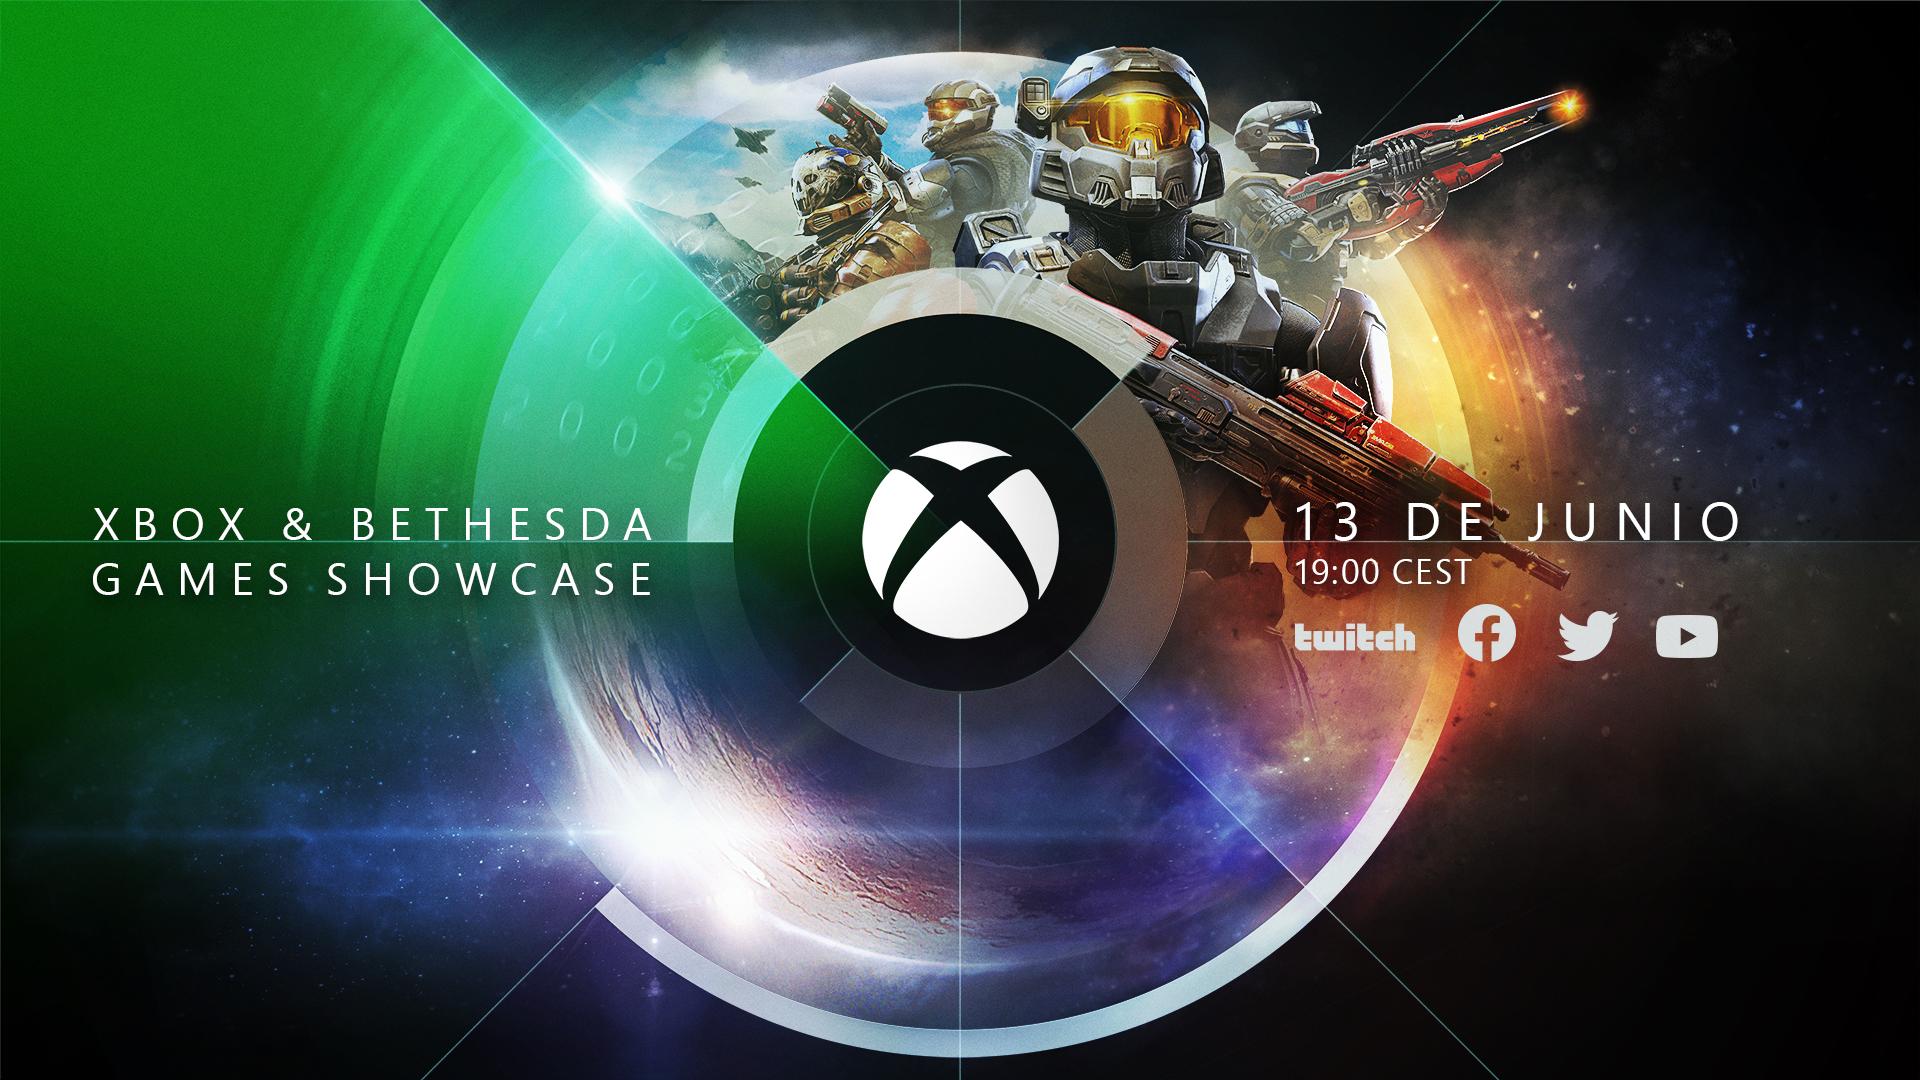 Estos son los nuevos juegos exclusivos de Bethesda para Xbox. Noticias en tiempo real